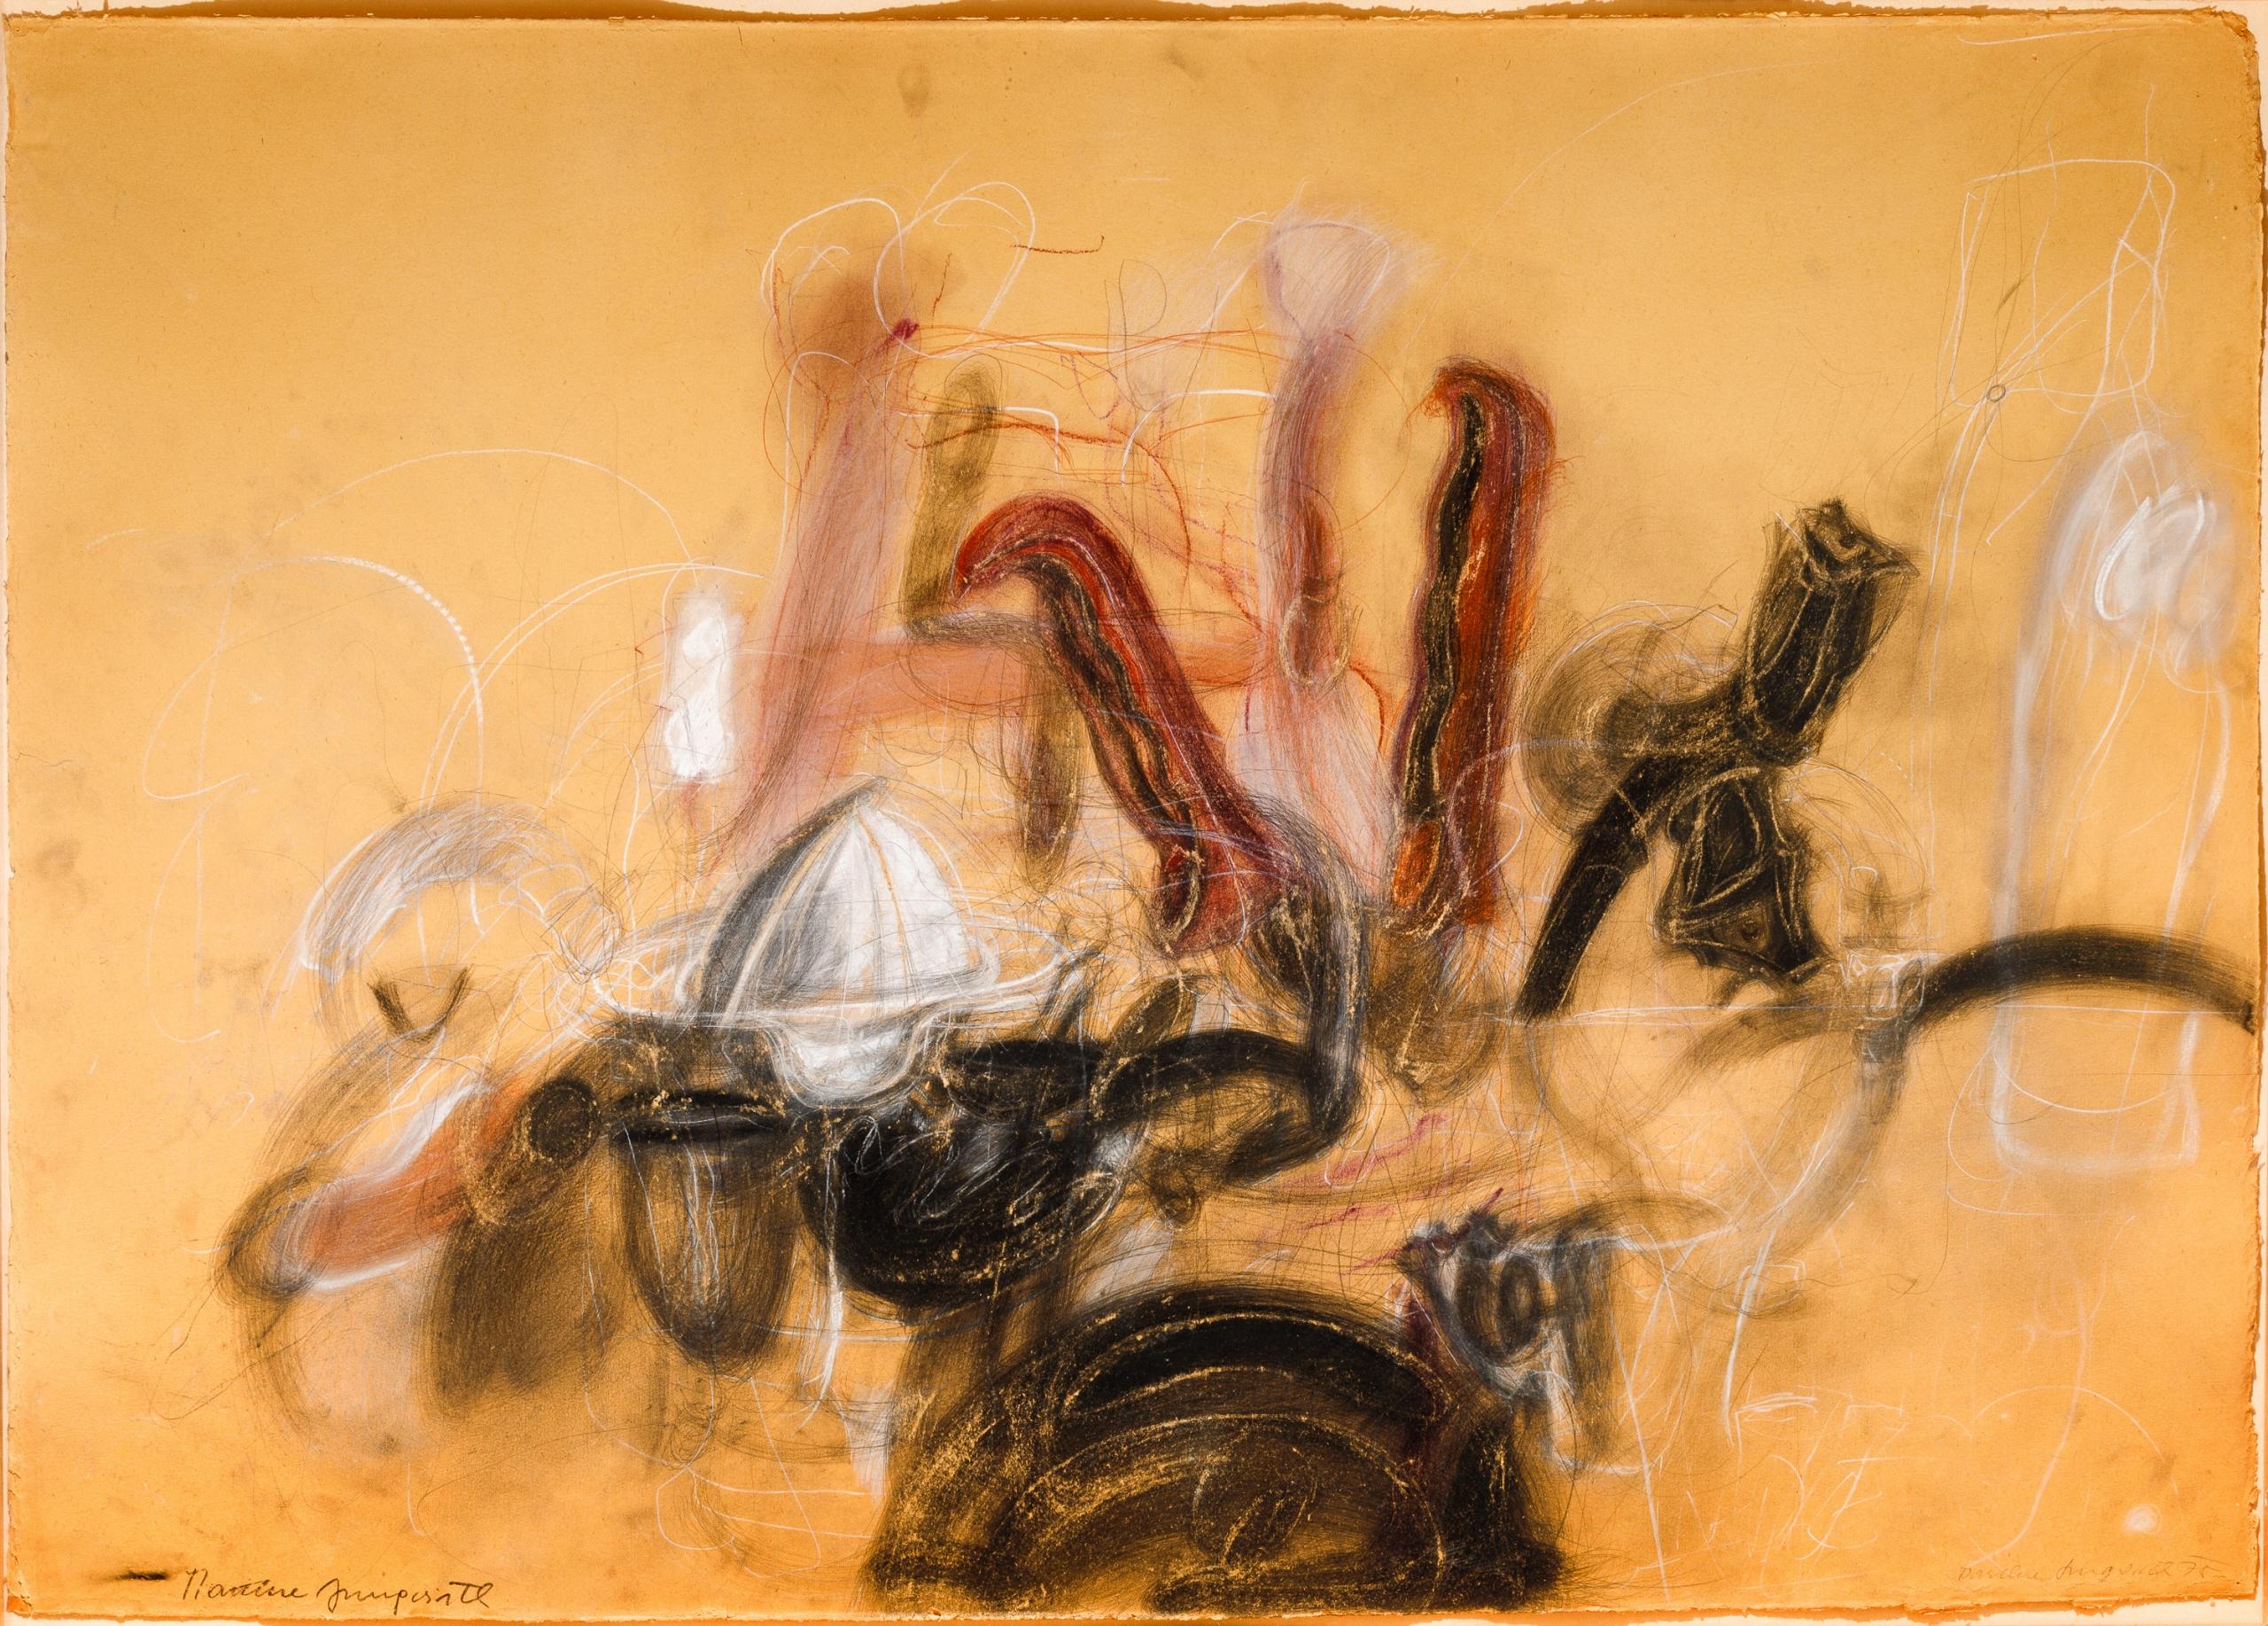 Martha Jungwirth, Ohne Titel / untitled